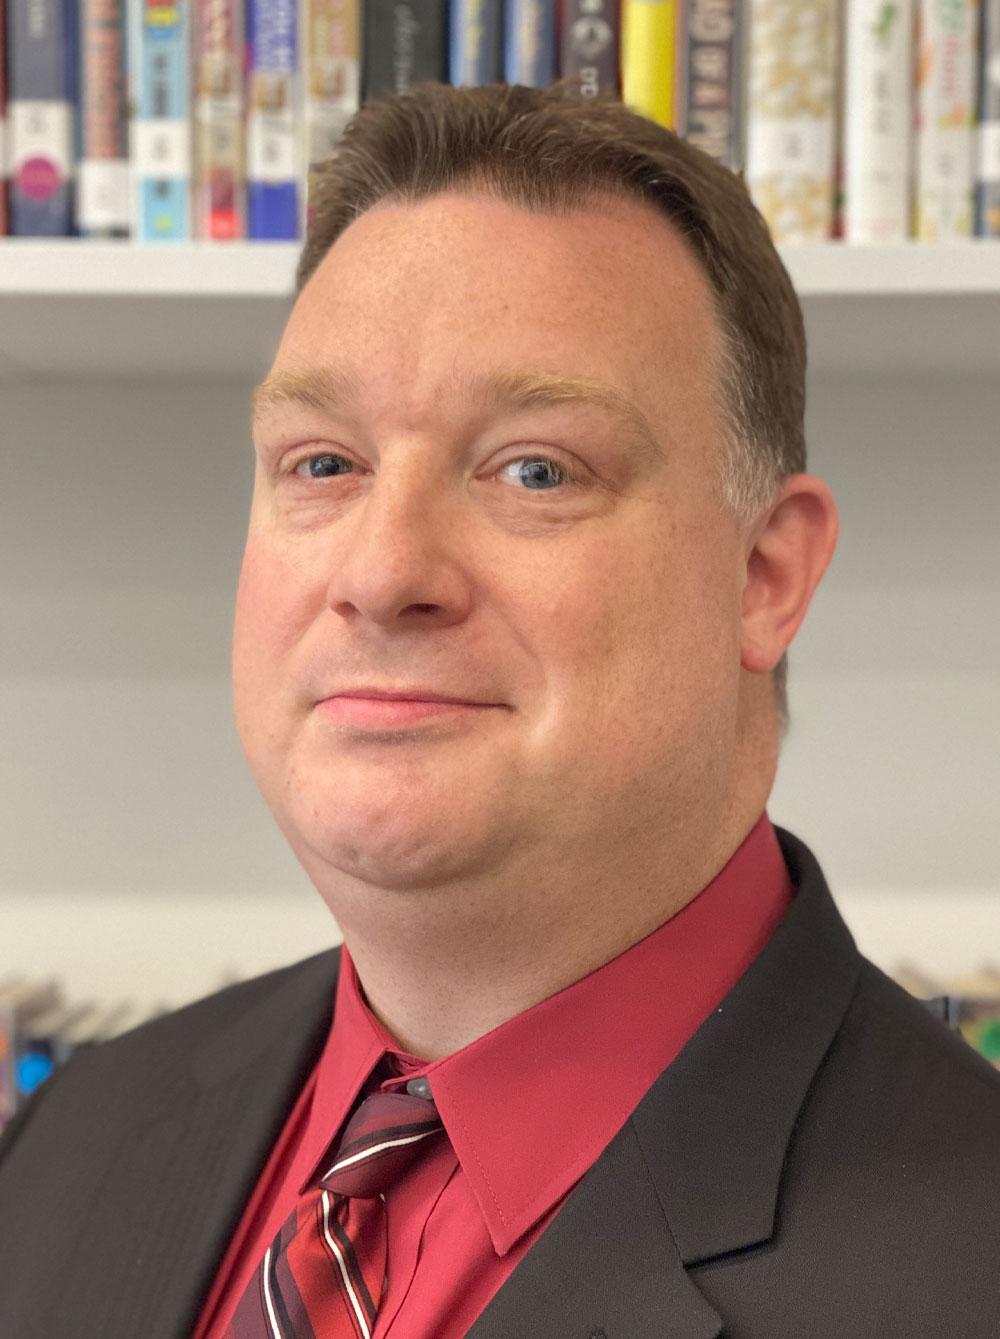 Dr Nicholas Baker